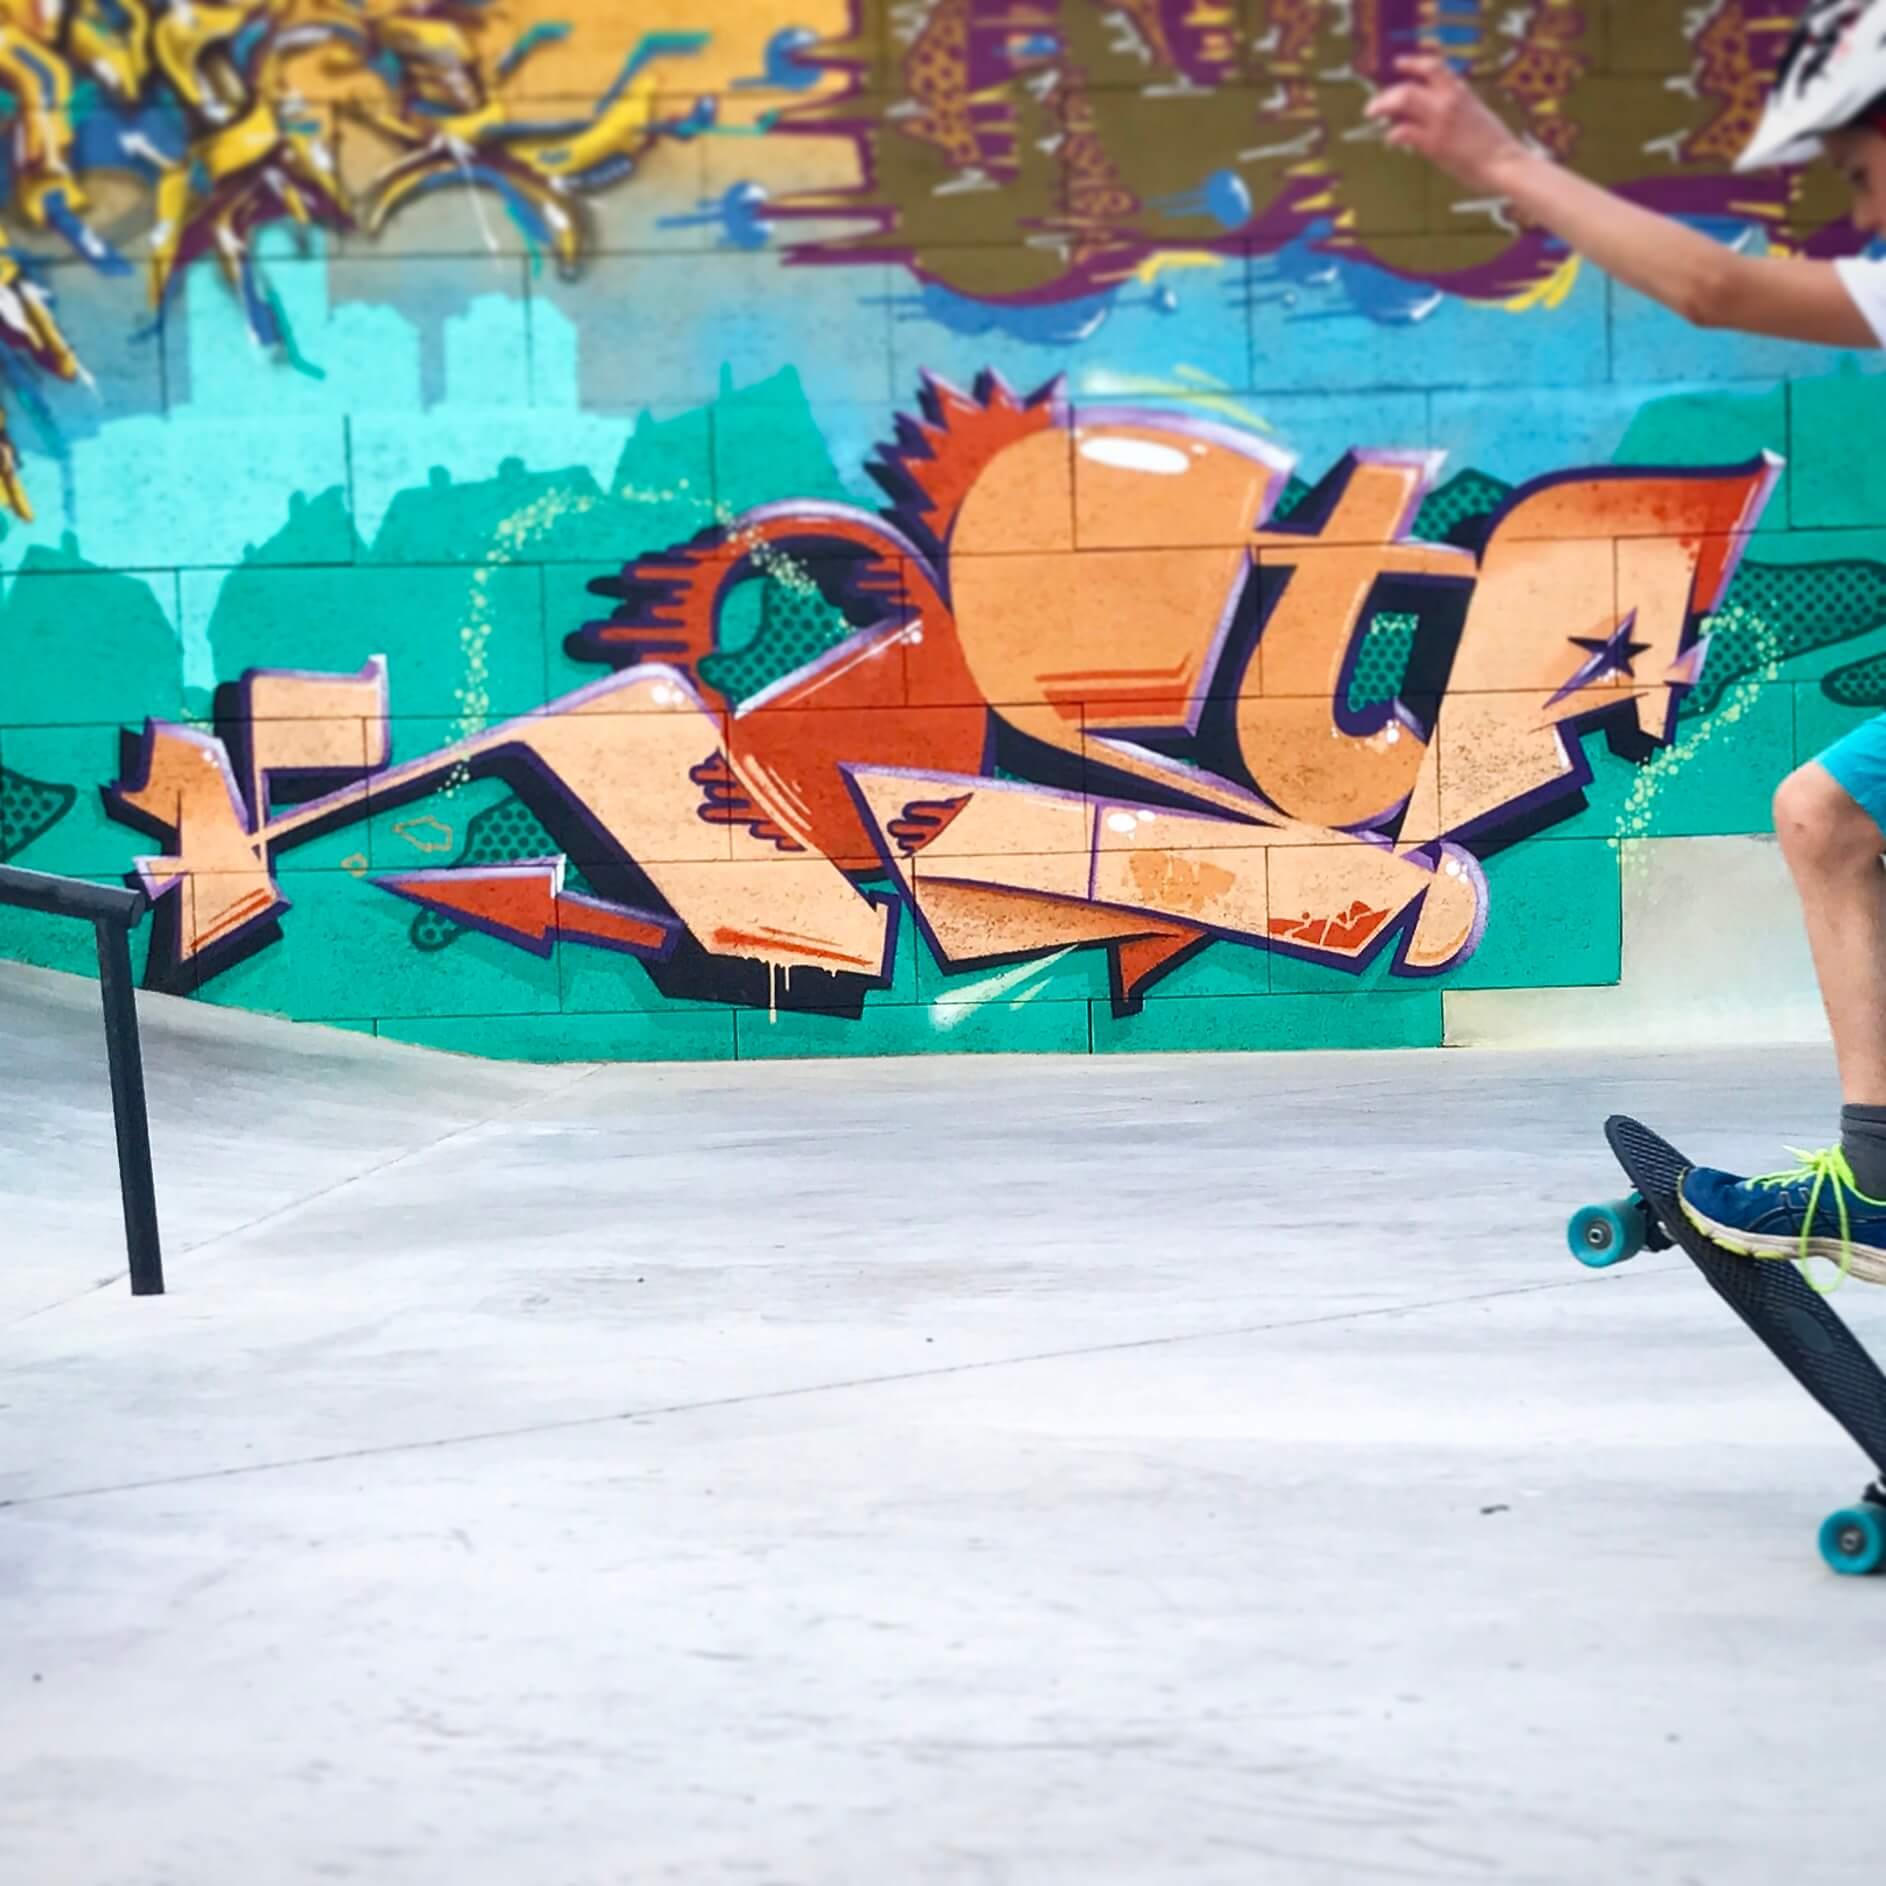 Skatepark Erfurt - Ilversgehofen Graffiti von Max Kosta 2017